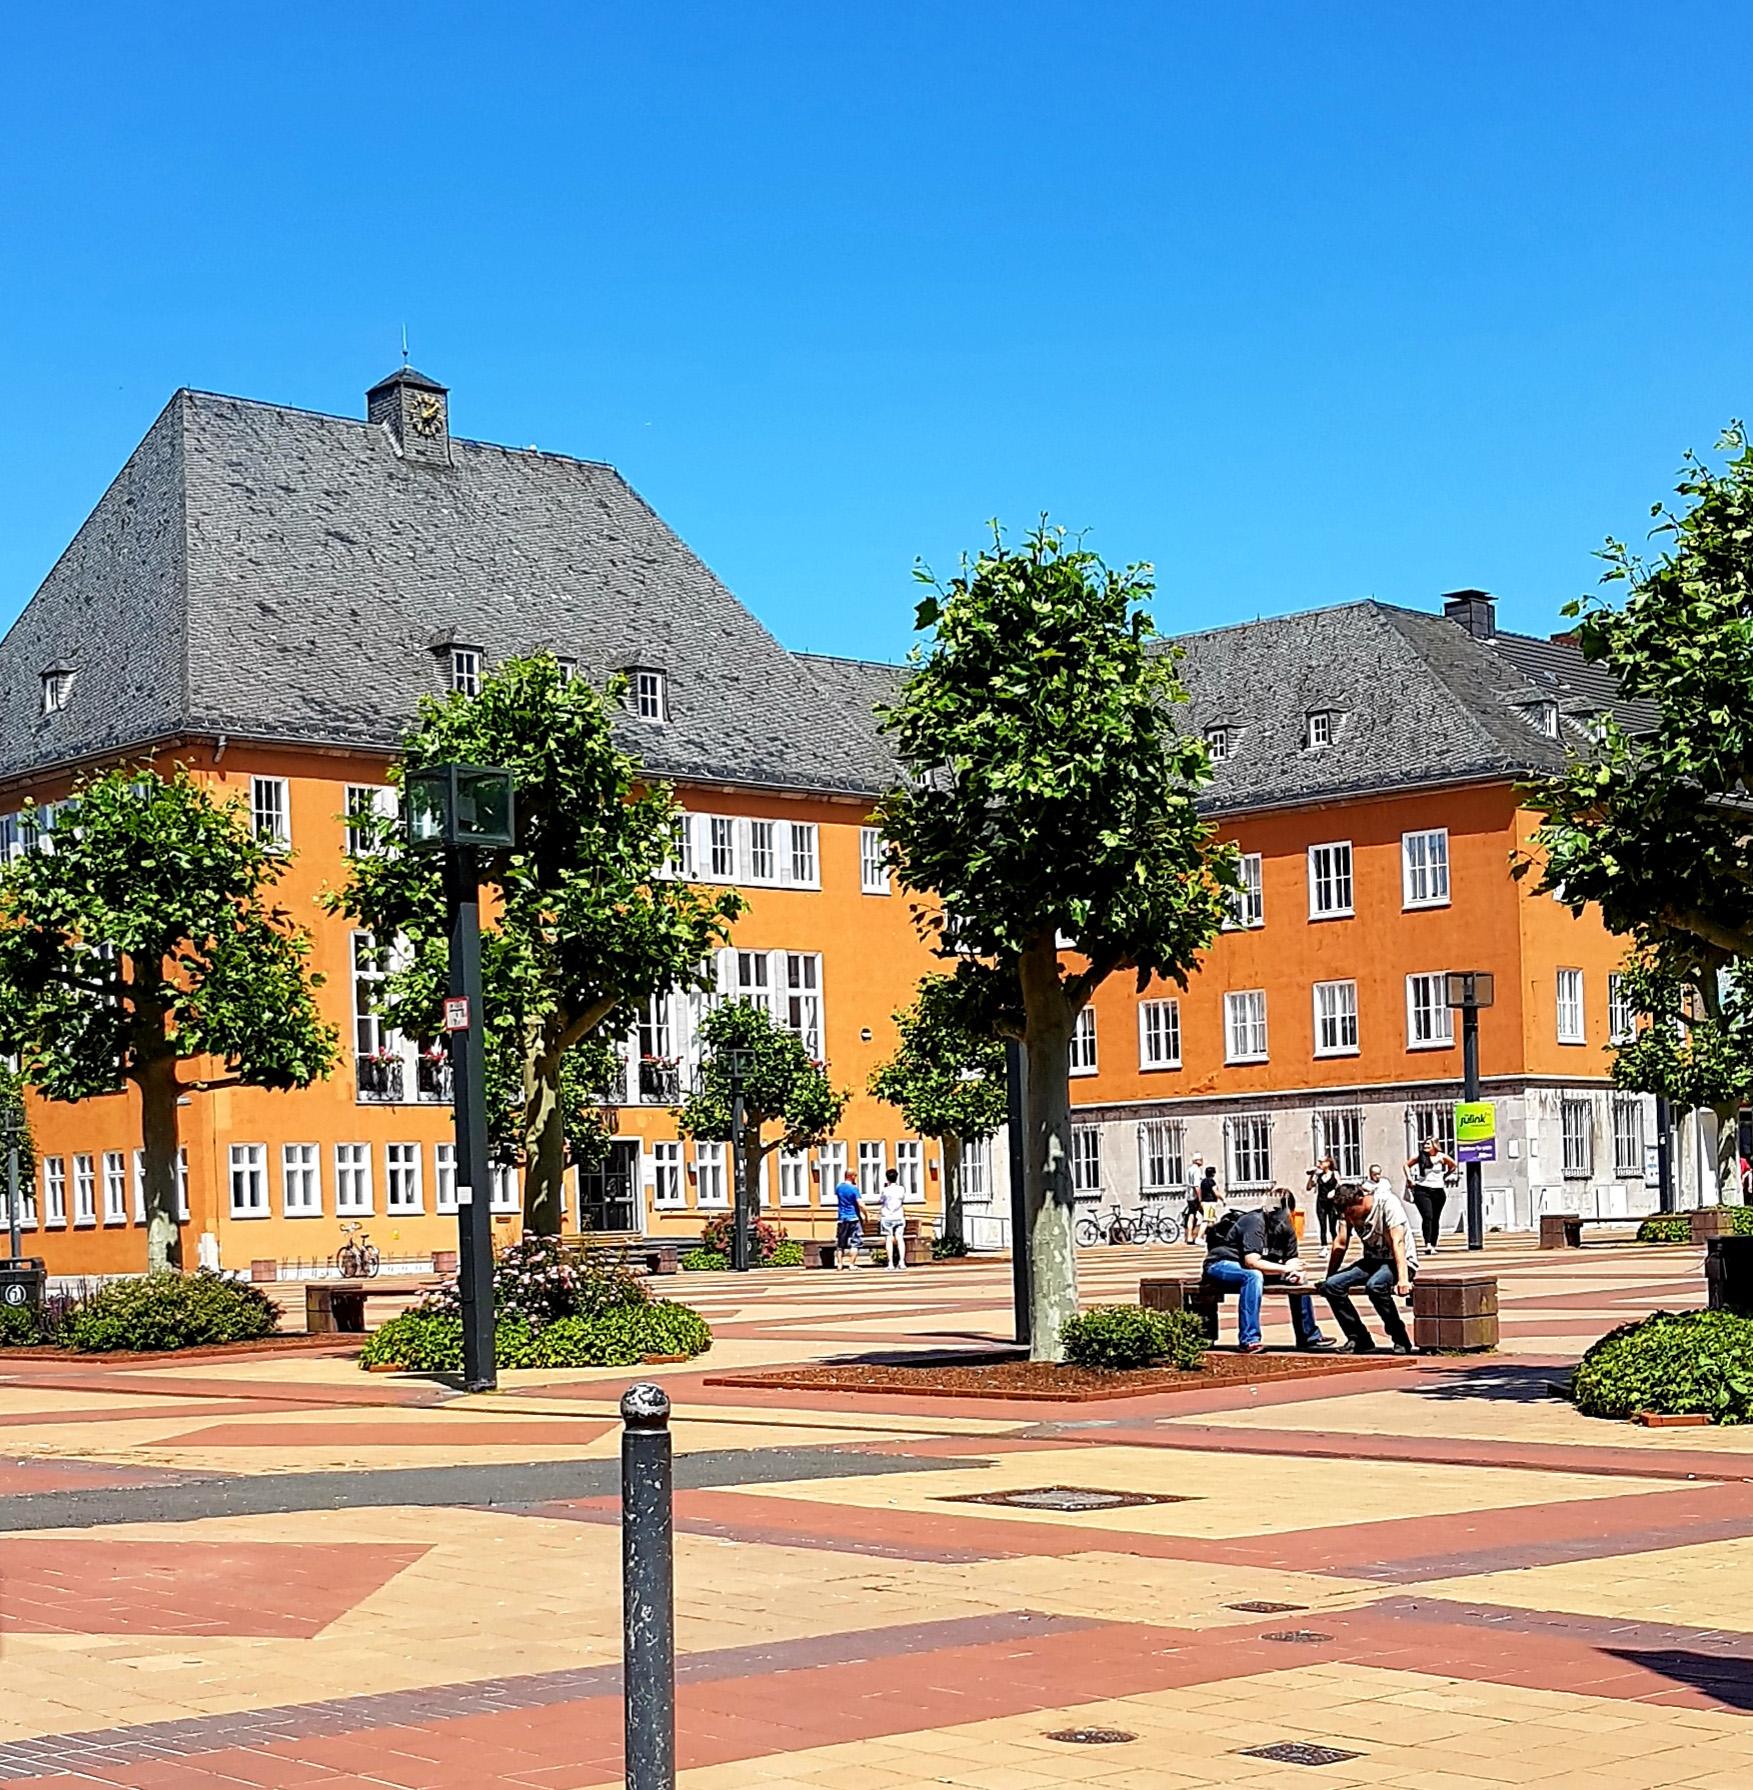 Altes Rathaus, Marktplatz